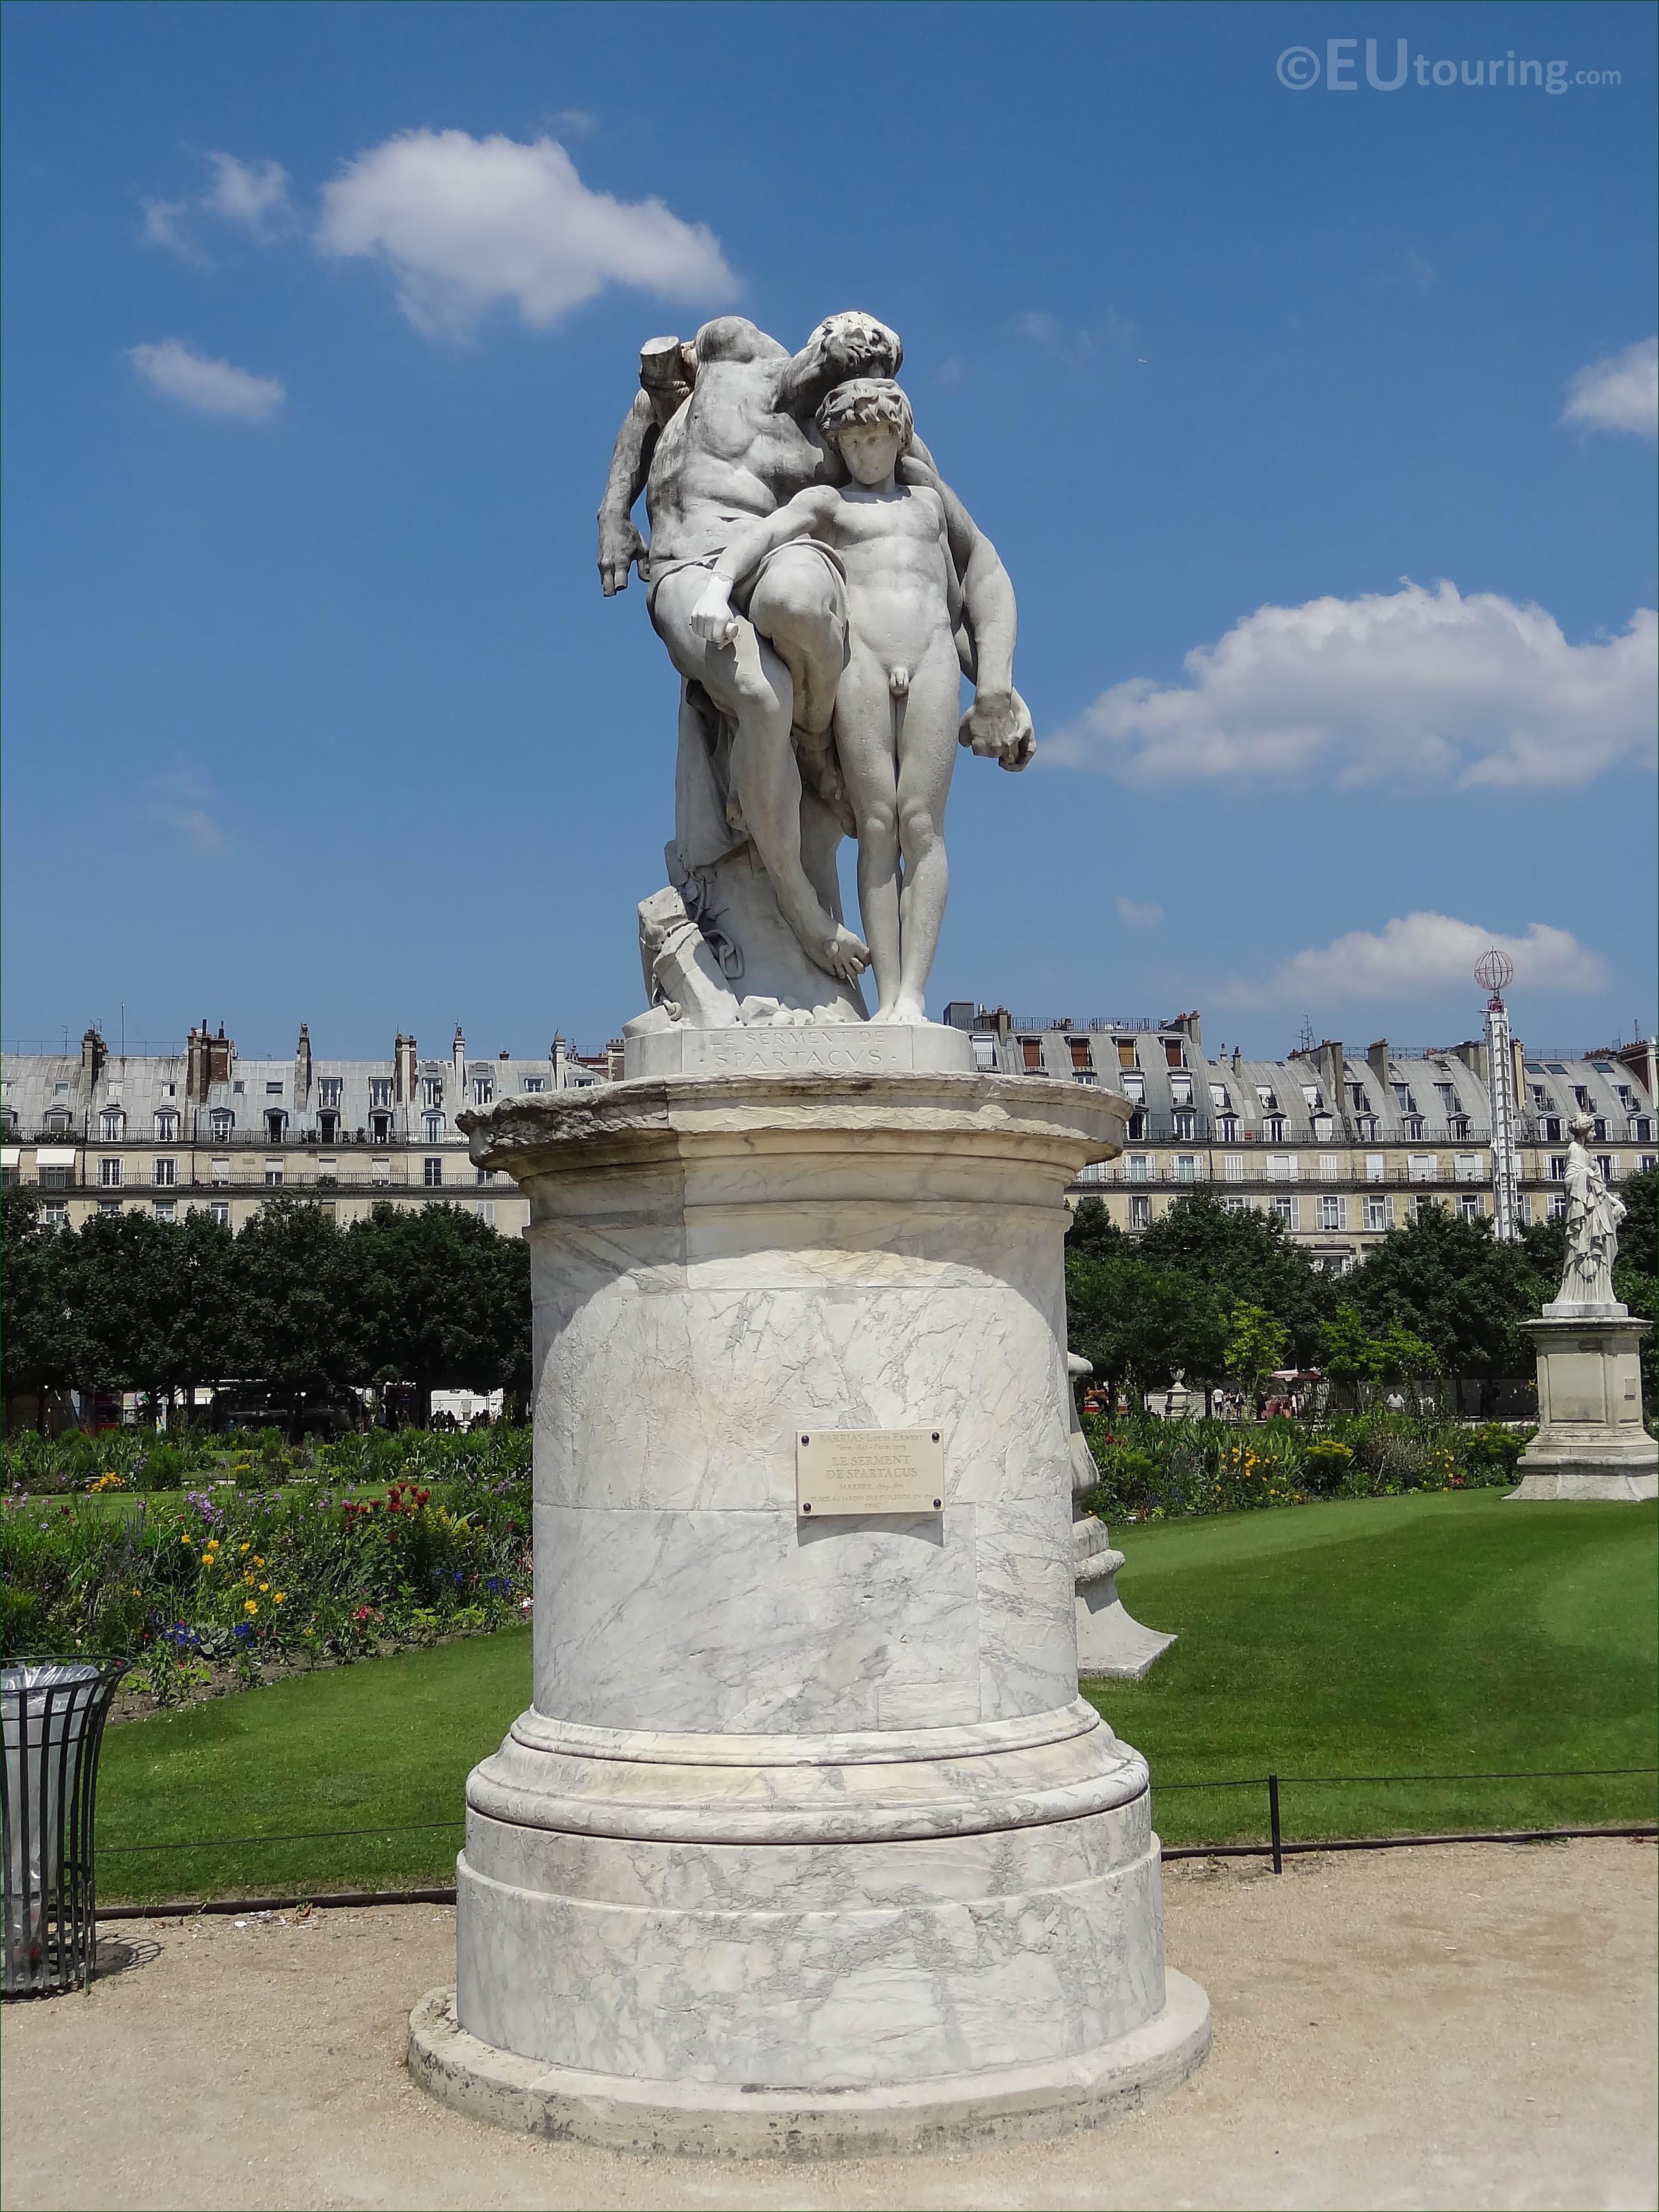 ne grand carre area - Tuileries Garden